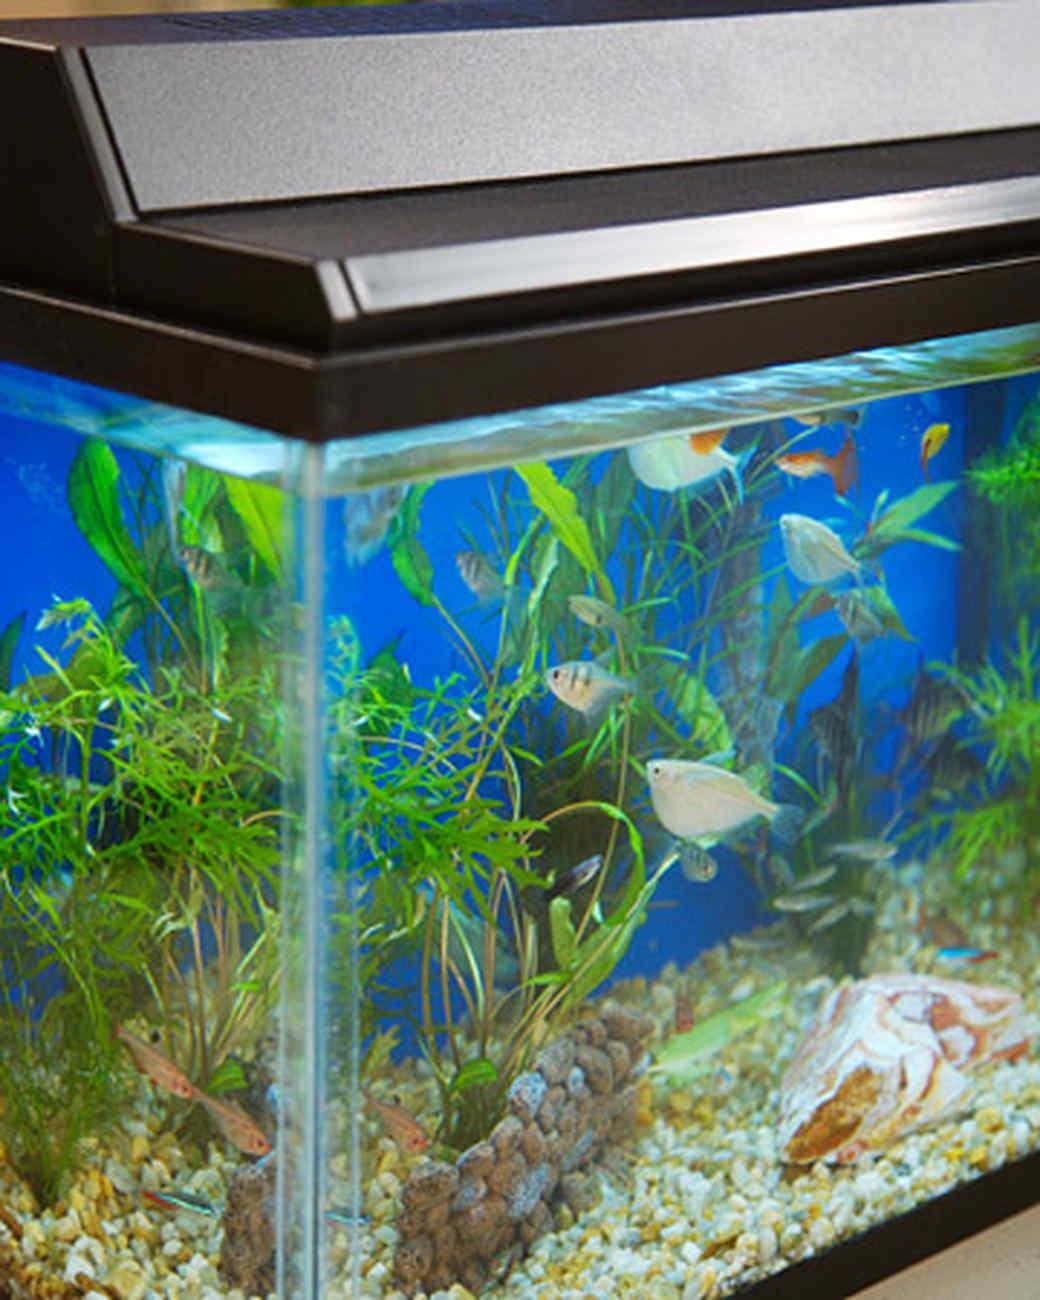 3059_112807_fishtank.jpg